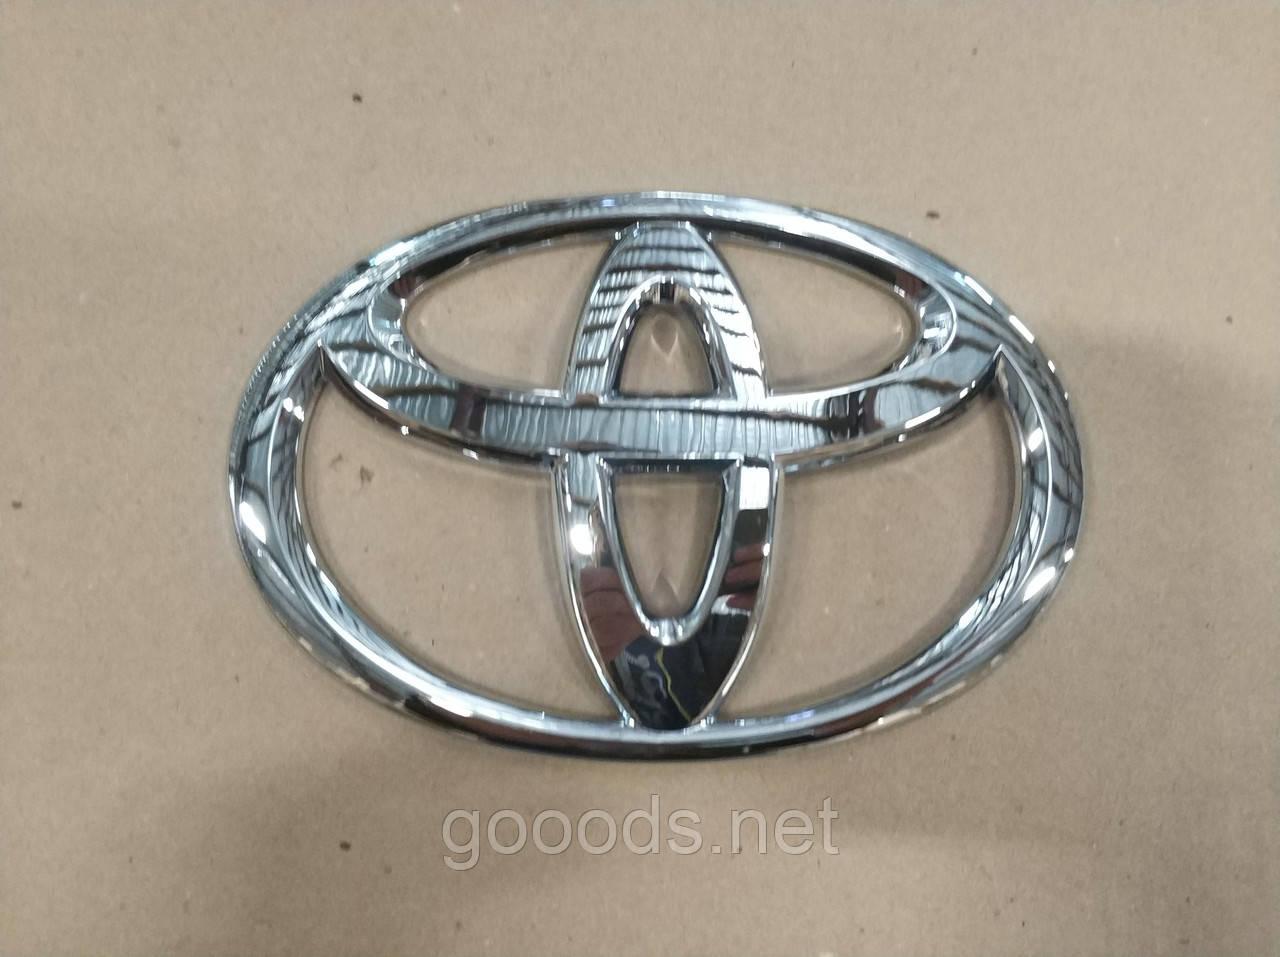 Эмблема Toyota на клею, 160*105 мм